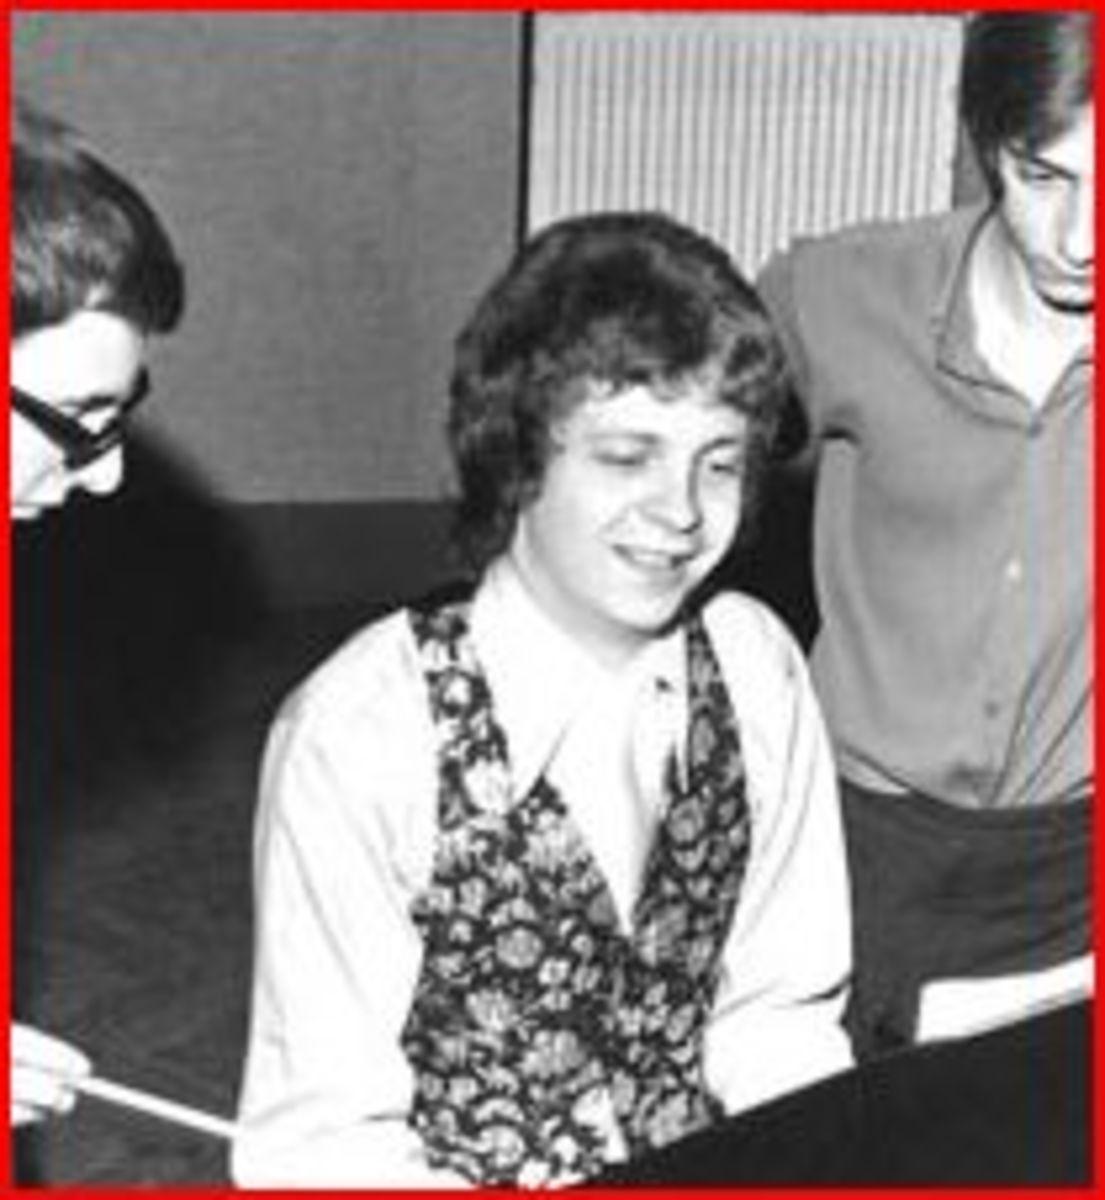 Proof that Jeff Lynne wasn't raised wearing aviator glasses.